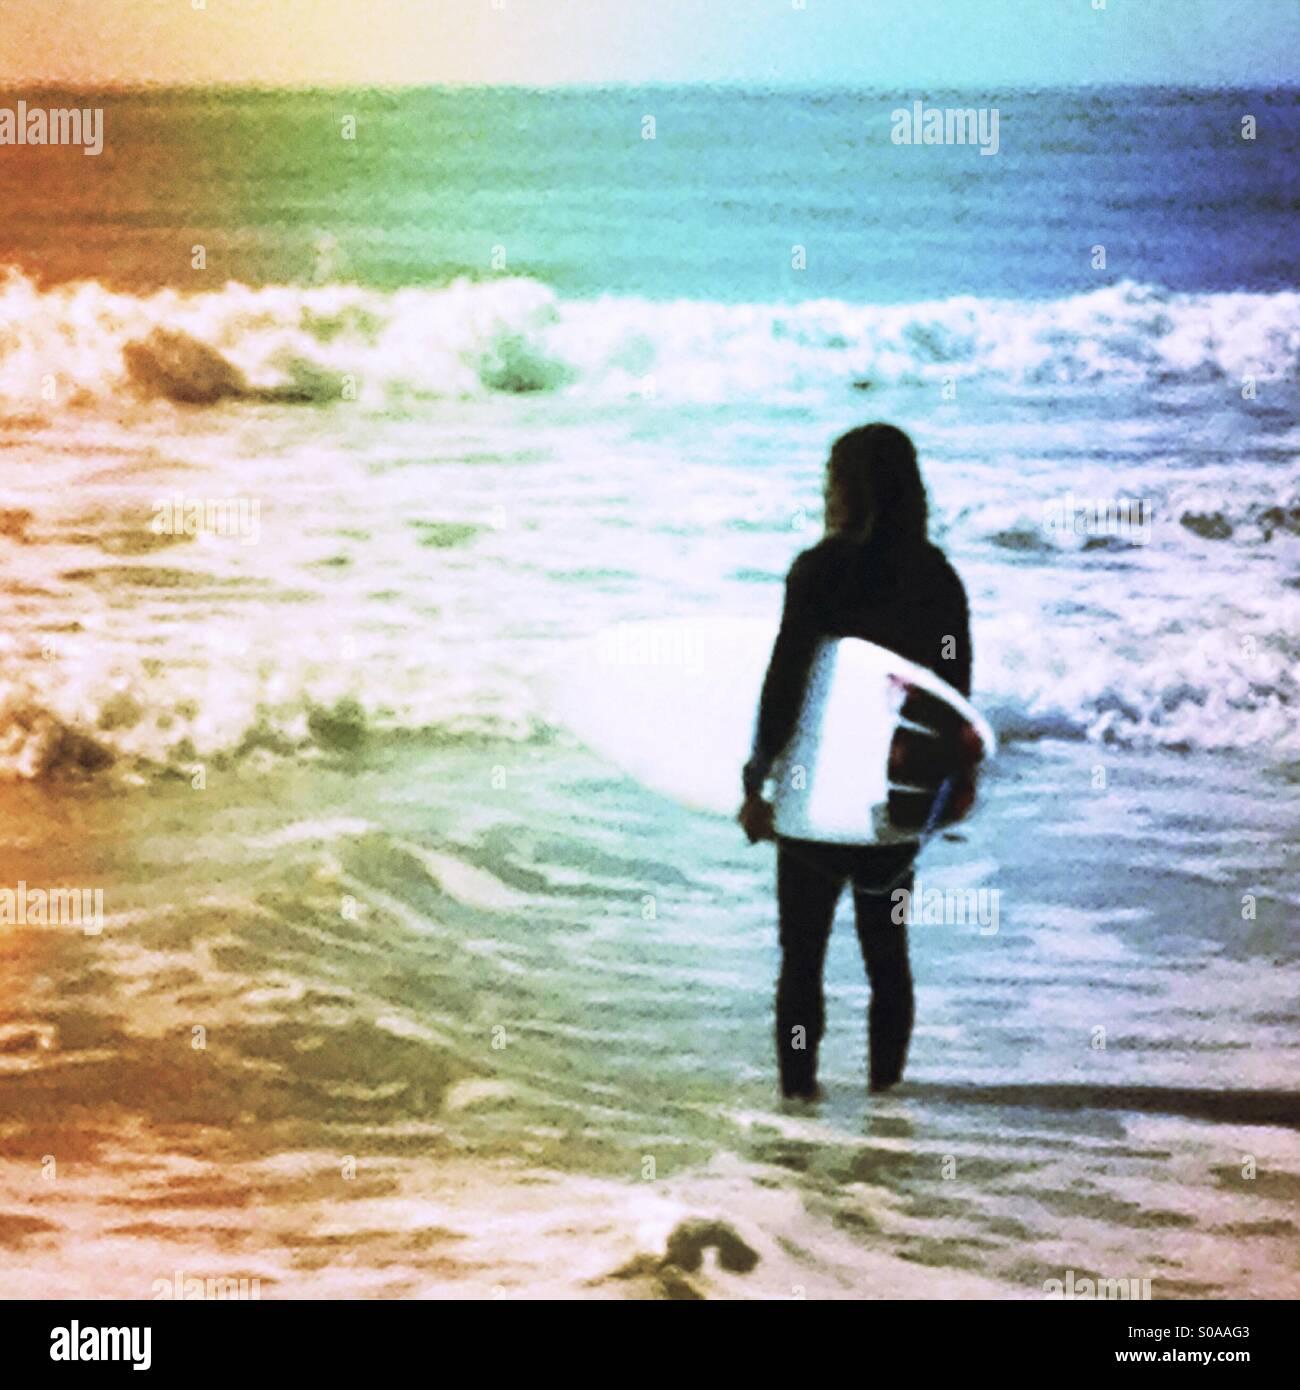 Surfer mirando al océano y las olas para practicar surf. Imagen De Stock